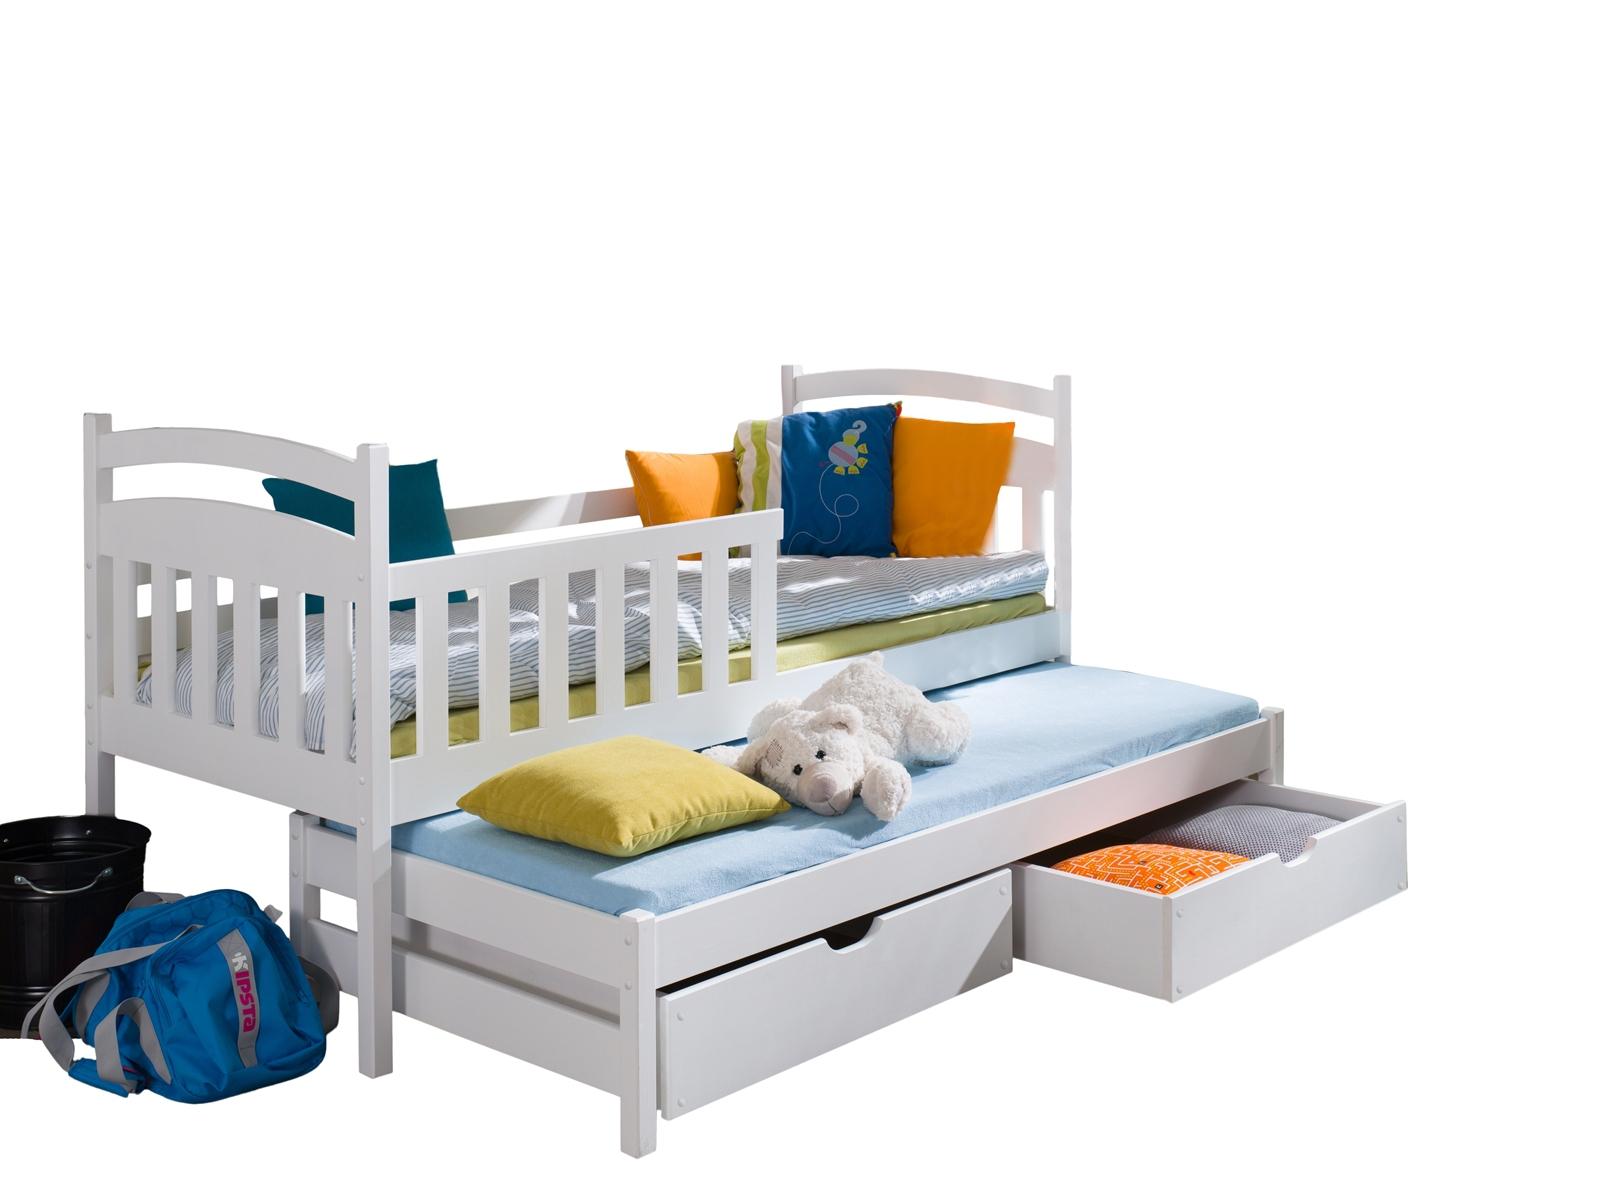 Lano Meble Rozkládací postel Doblo s úložným prostorem